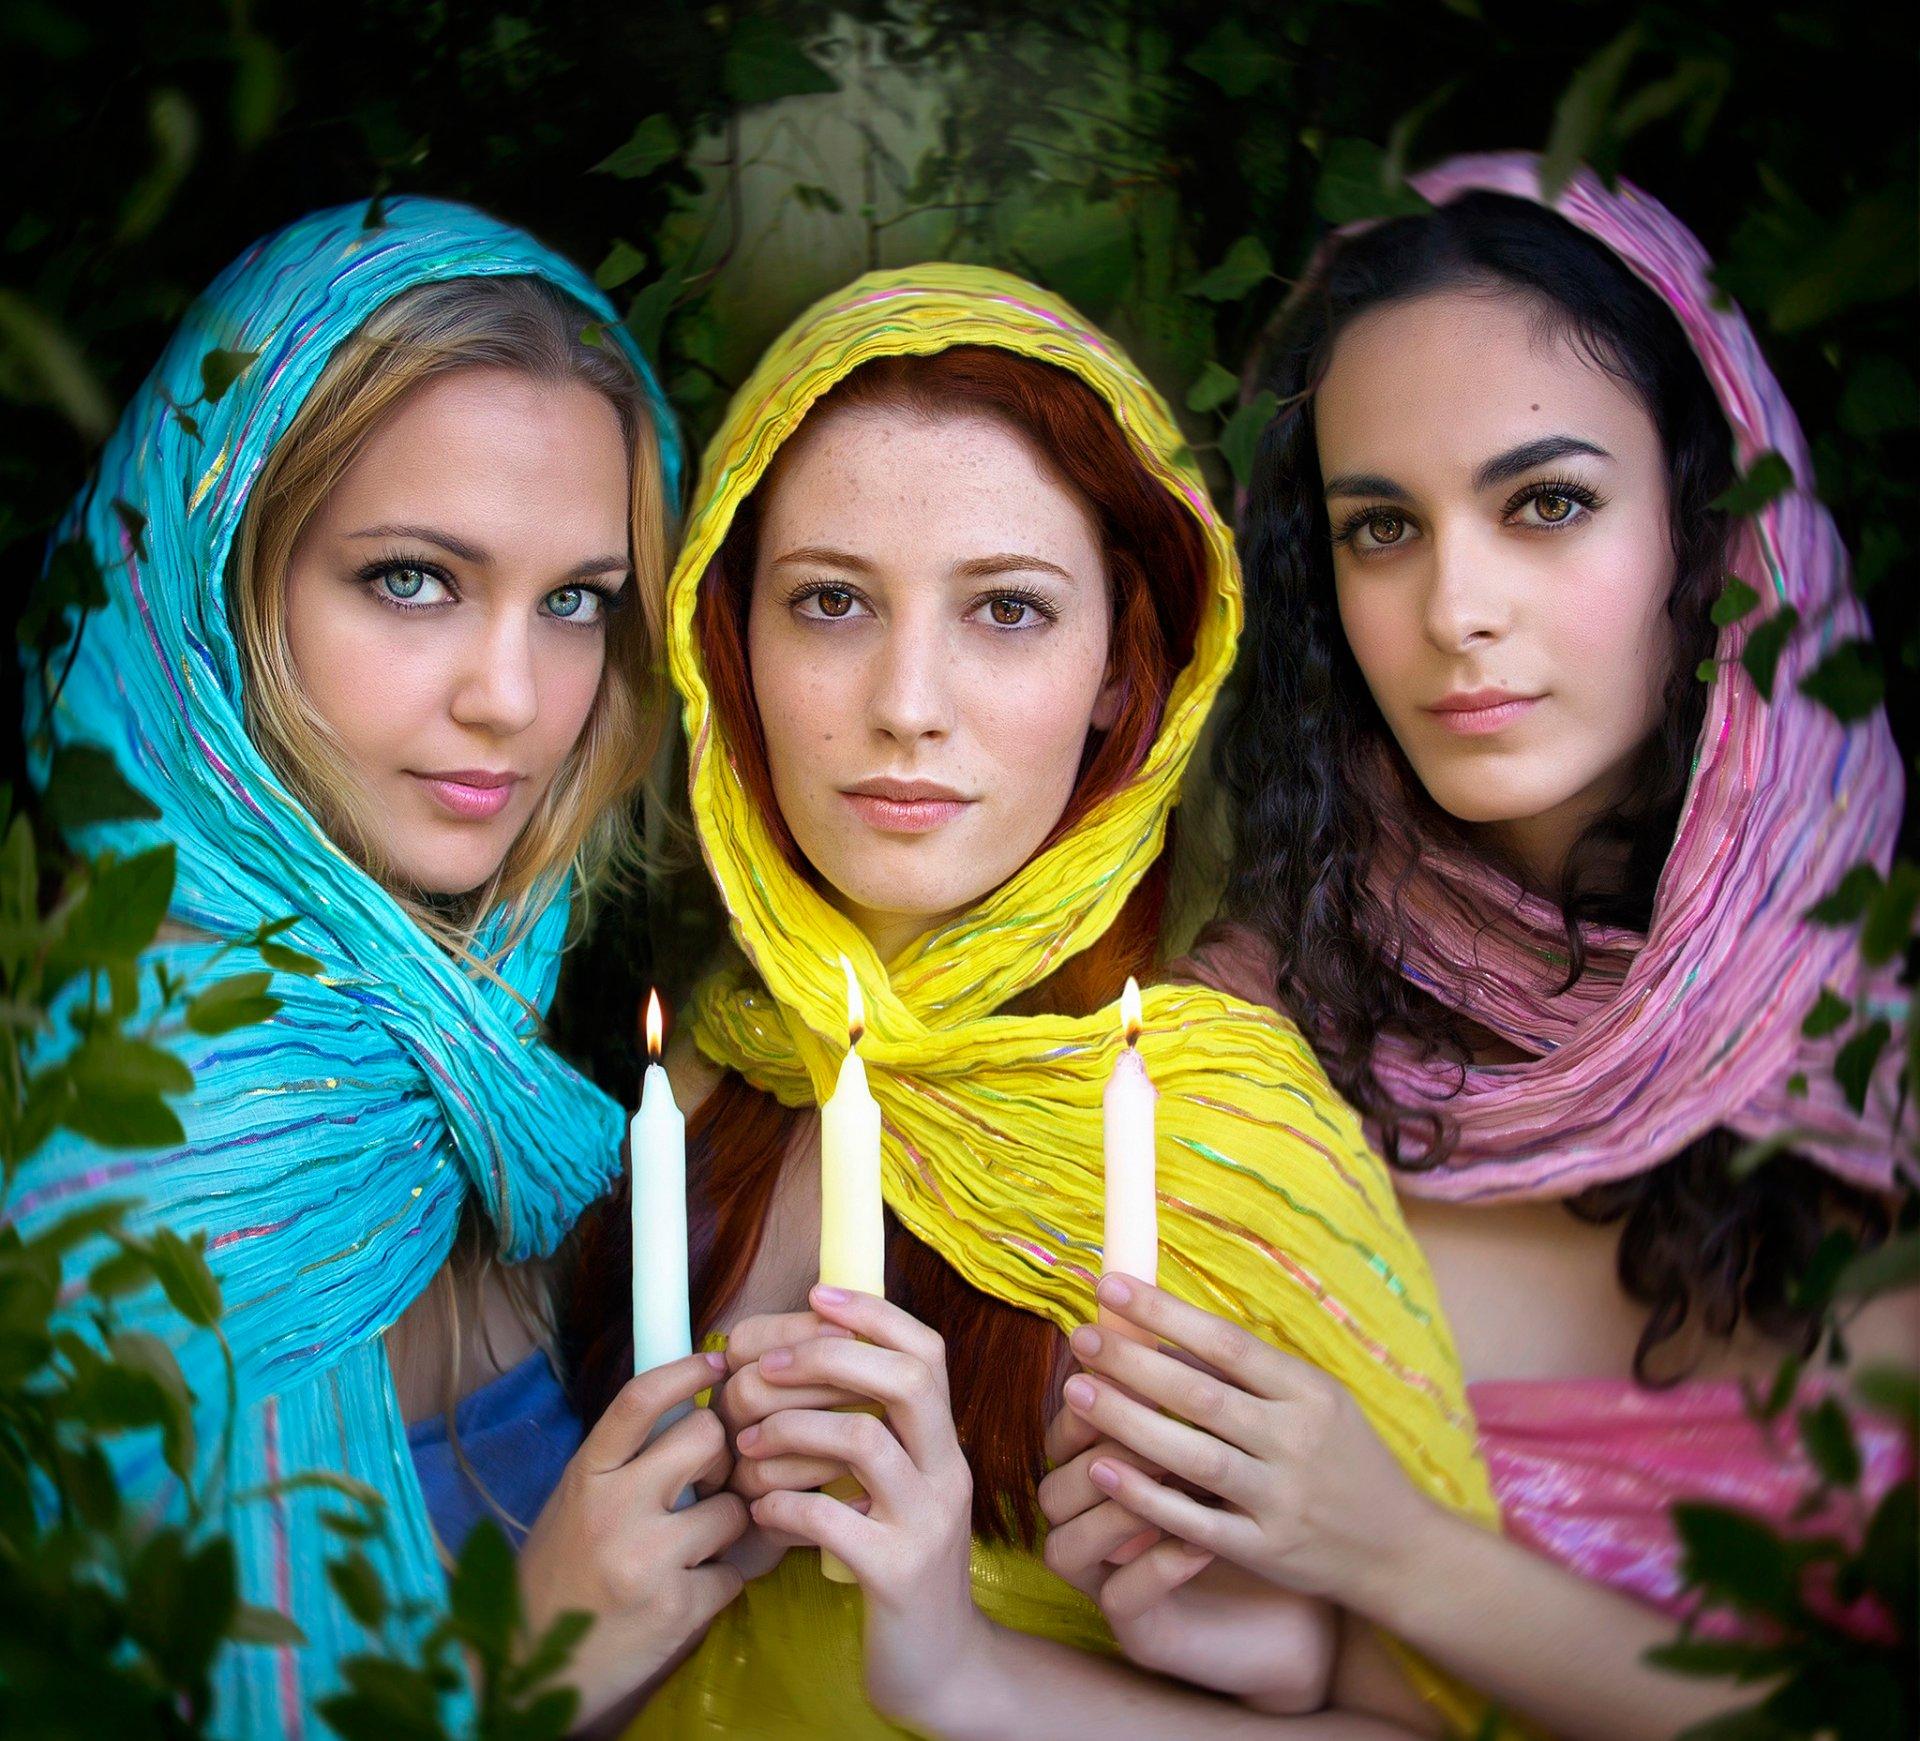 Фото с тремя девушками